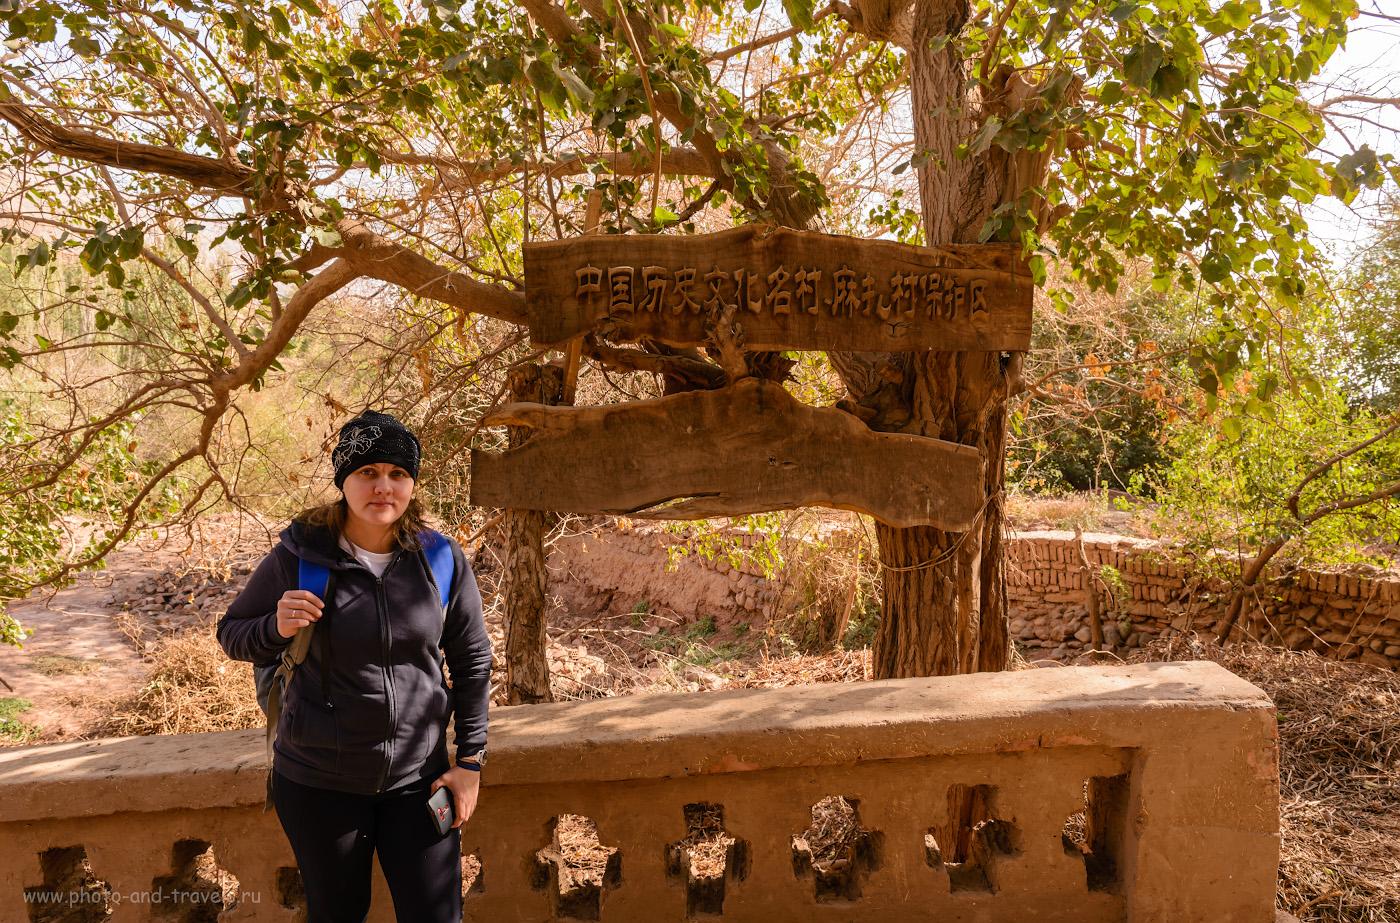 Фотография 2. Наверное, здесь написано, что Туюк-Мазар – древняя, почитаемая мусульманами святыня Китая. 1/60, +0.67, 8.0, 100, 24.